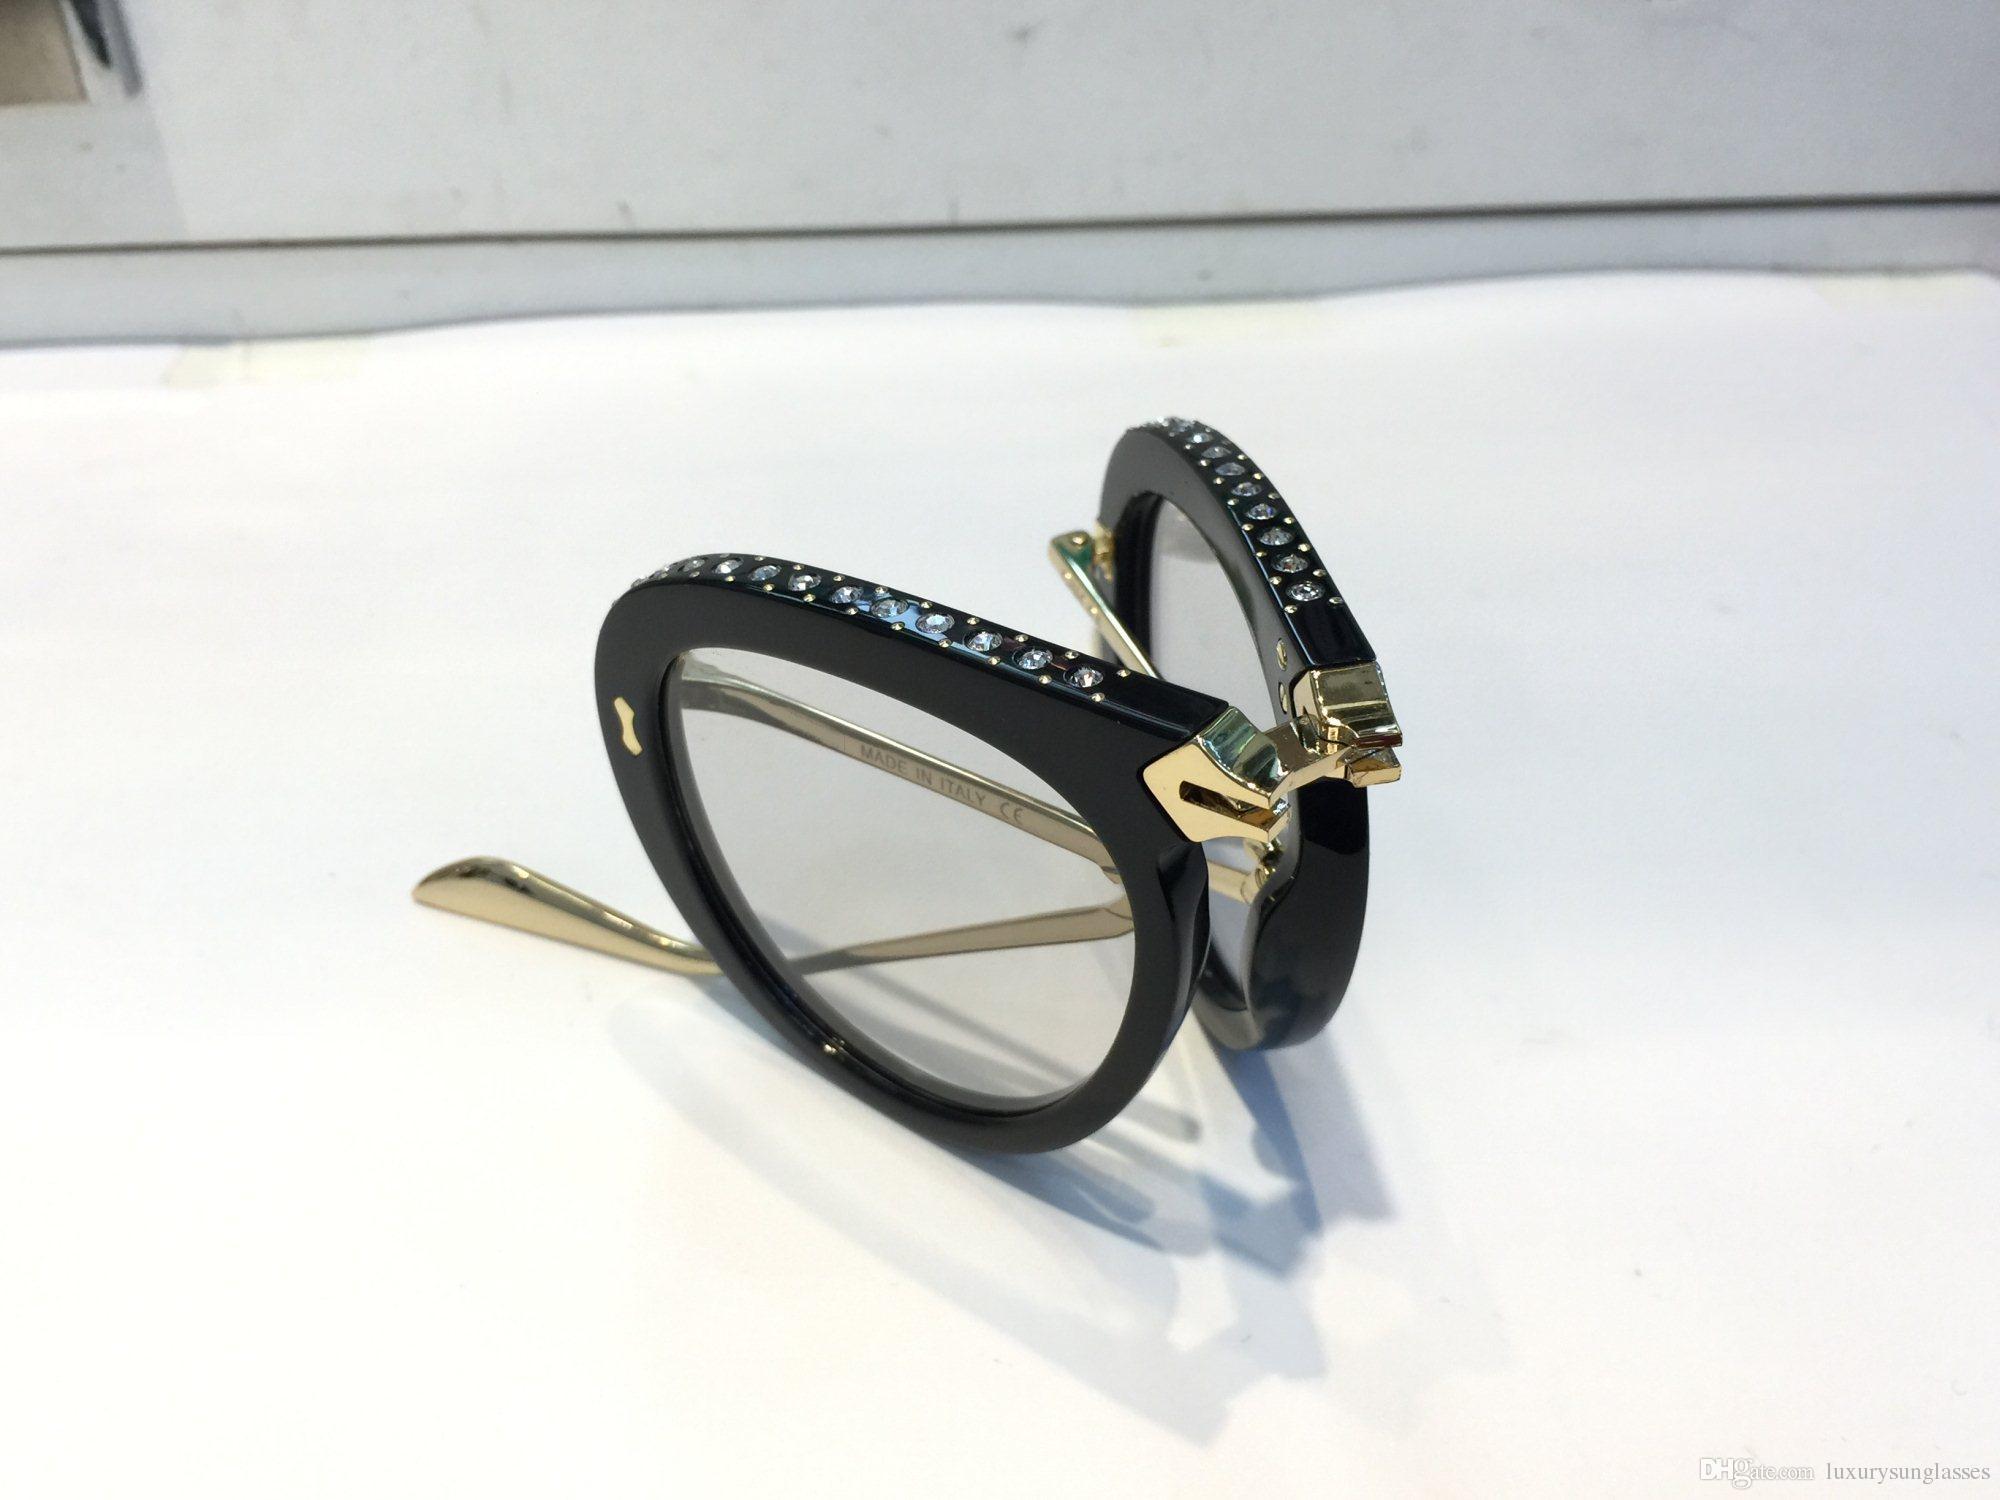 0307 para las piedras de marco superior Mujeres con vender estilo de verano plegable con gafas de sol plegables UV CALIDAD PROTECCIÓN DE HOMBRES DE CALIDAD VEN CASO DE RECTANGE CASO PEFN